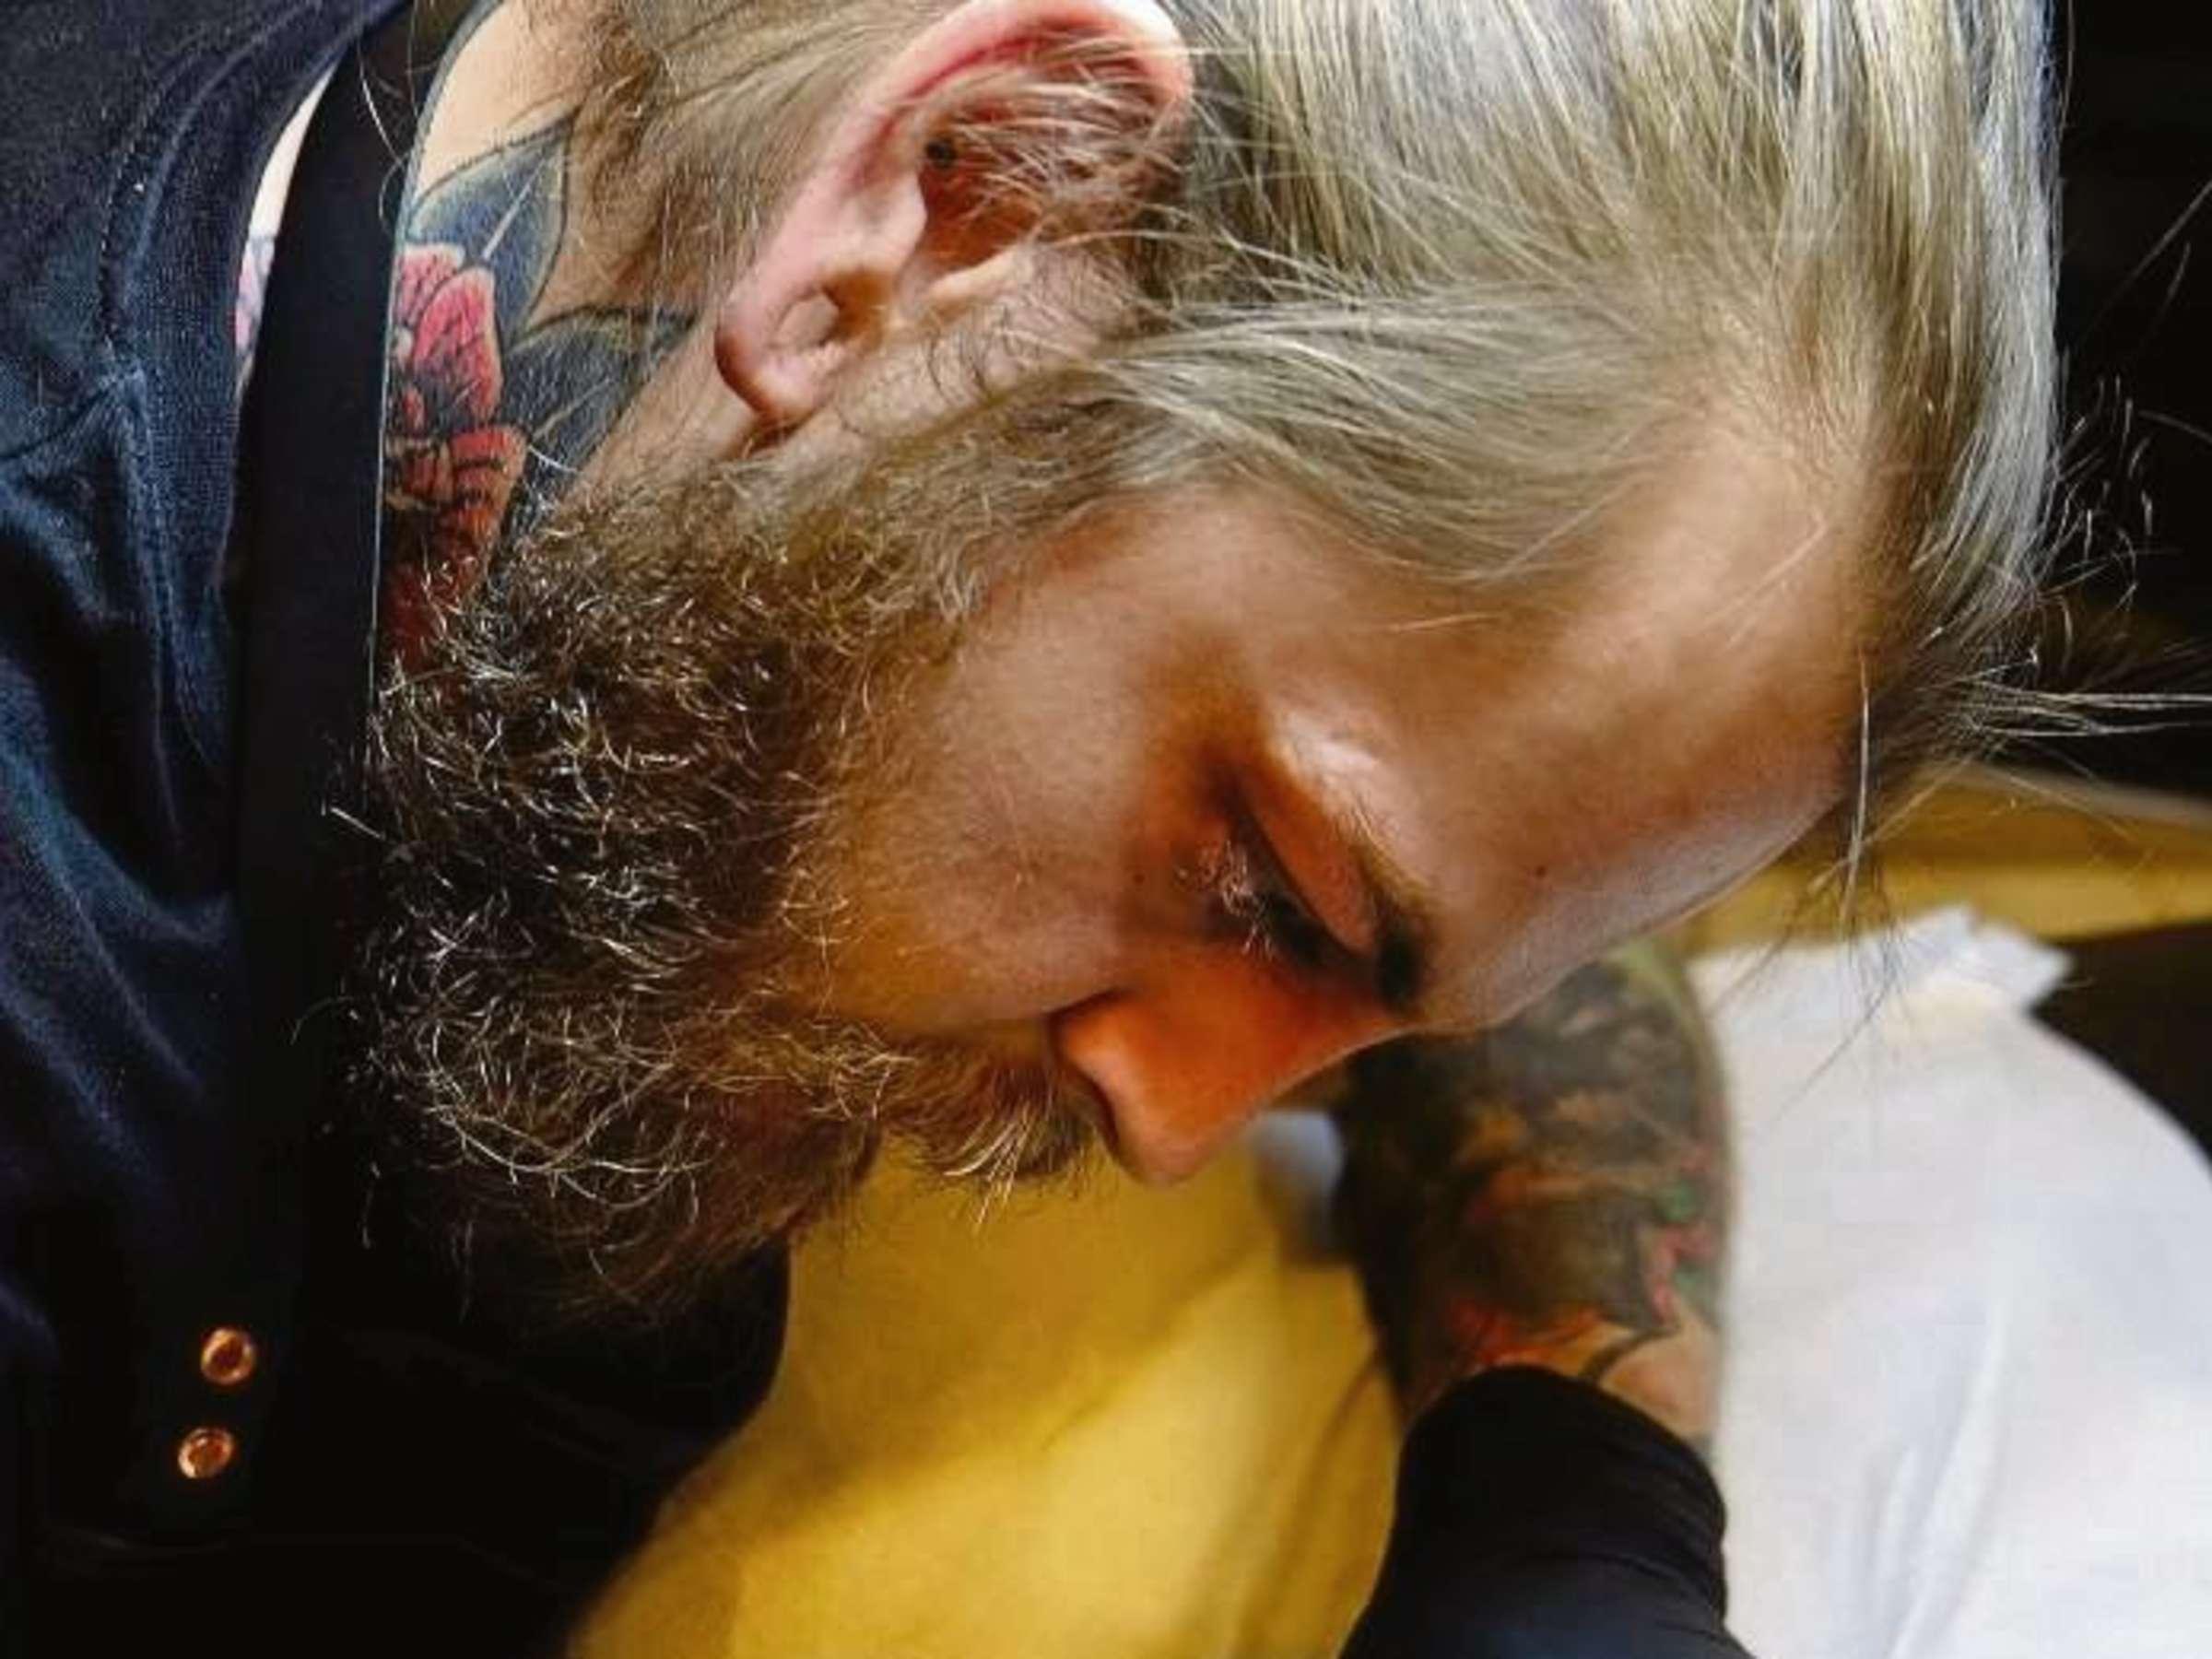 Frau pusteblume unterarm tattoo Pusteblume (Löwenzahn)